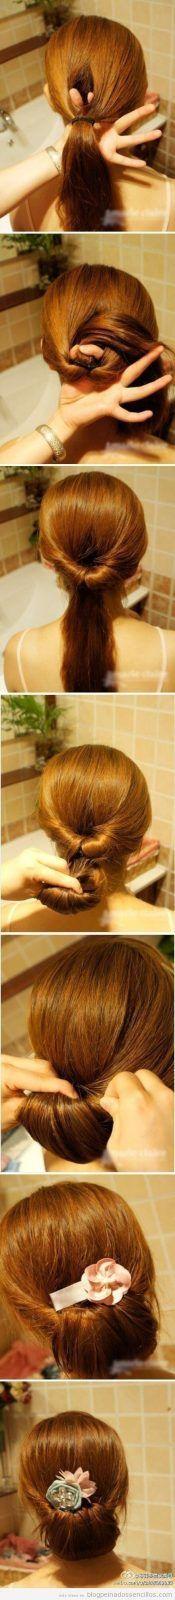 Chignon Frisur selber machen